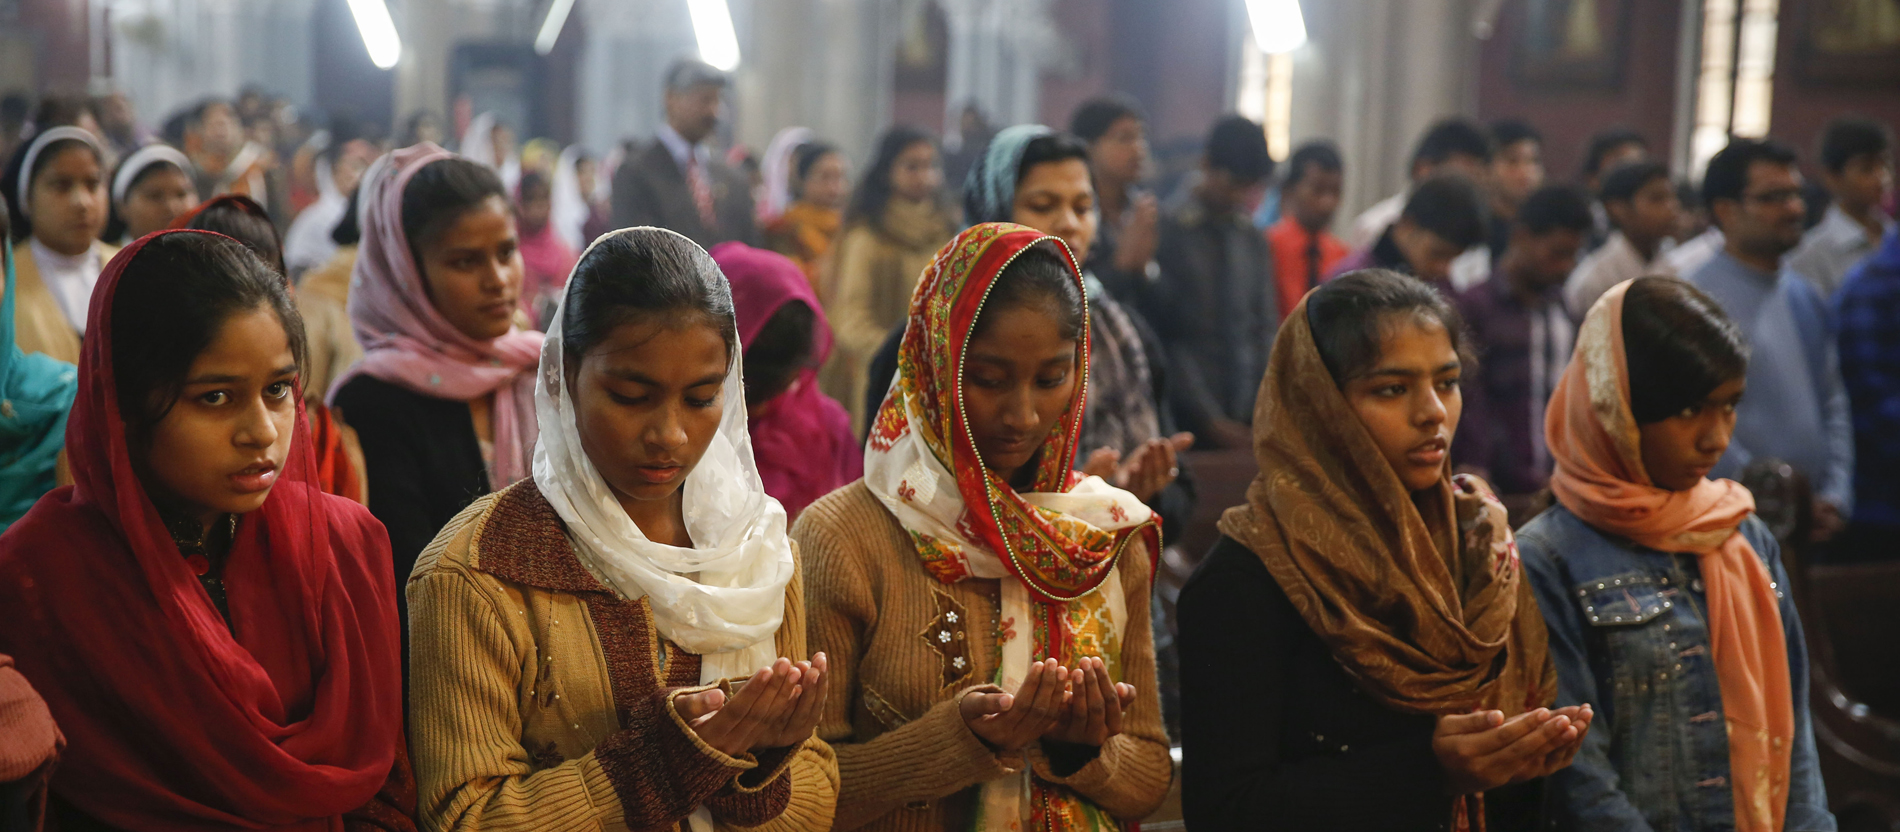 Muslimisches mädchen aus einem christlichen mann